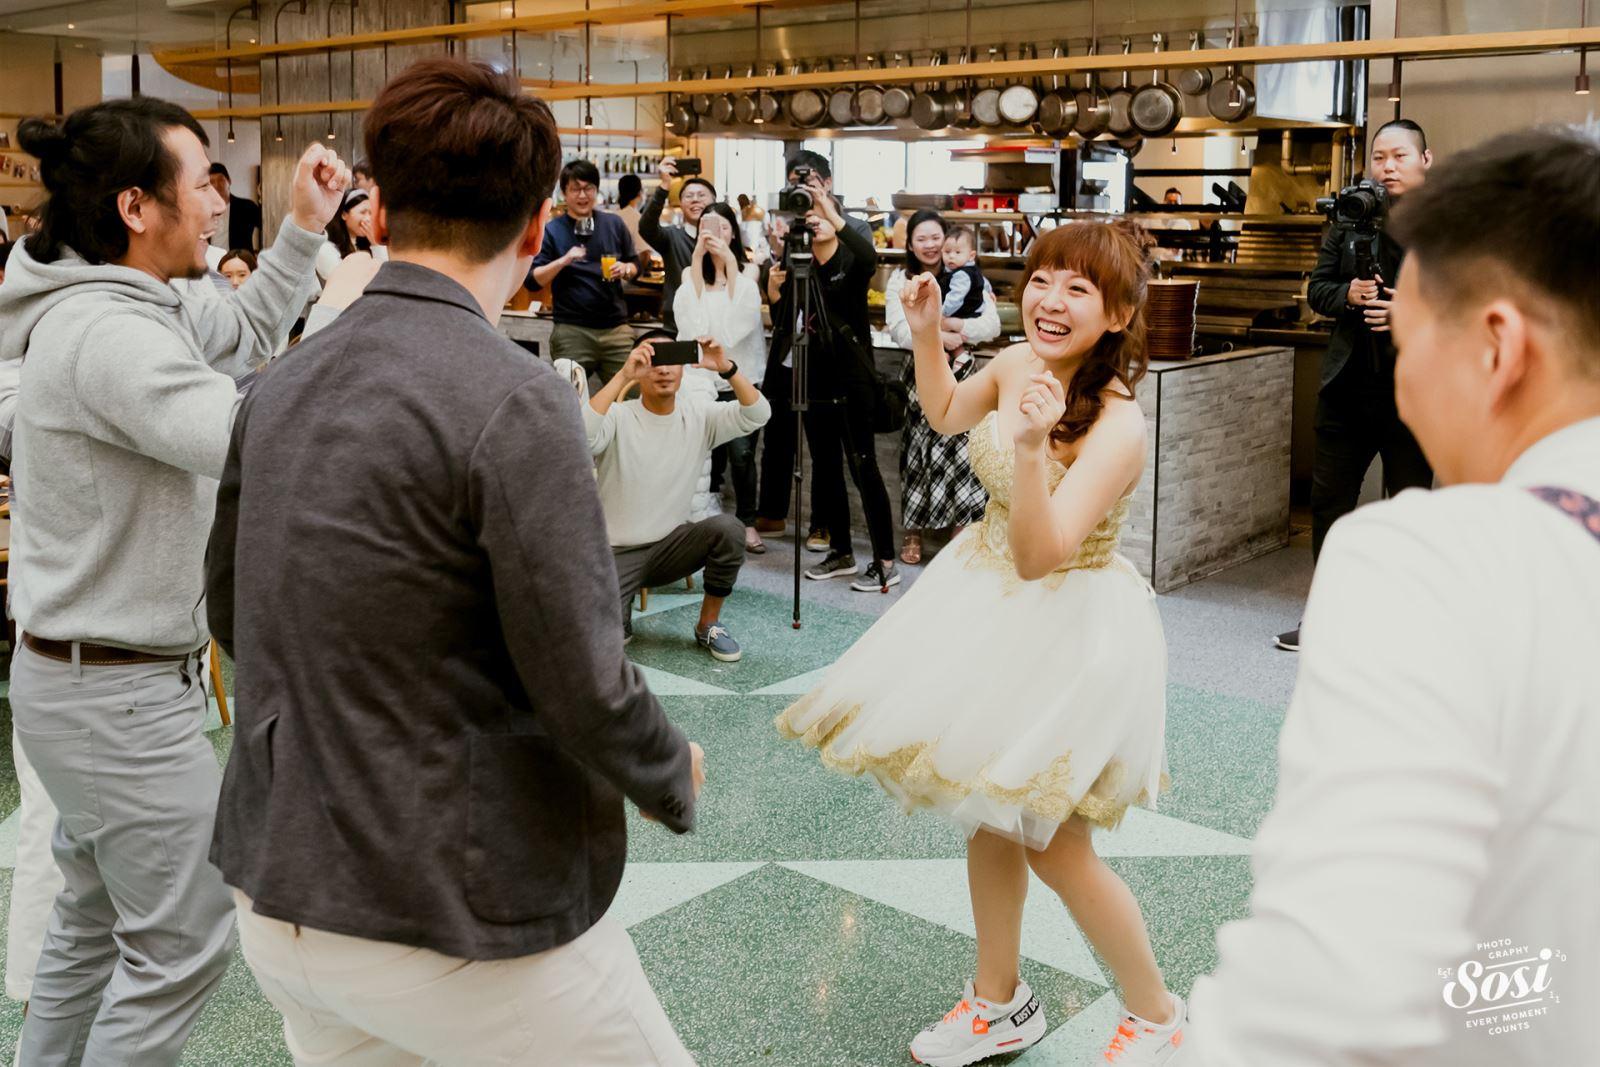 婚禮跳舞互動舞蹈